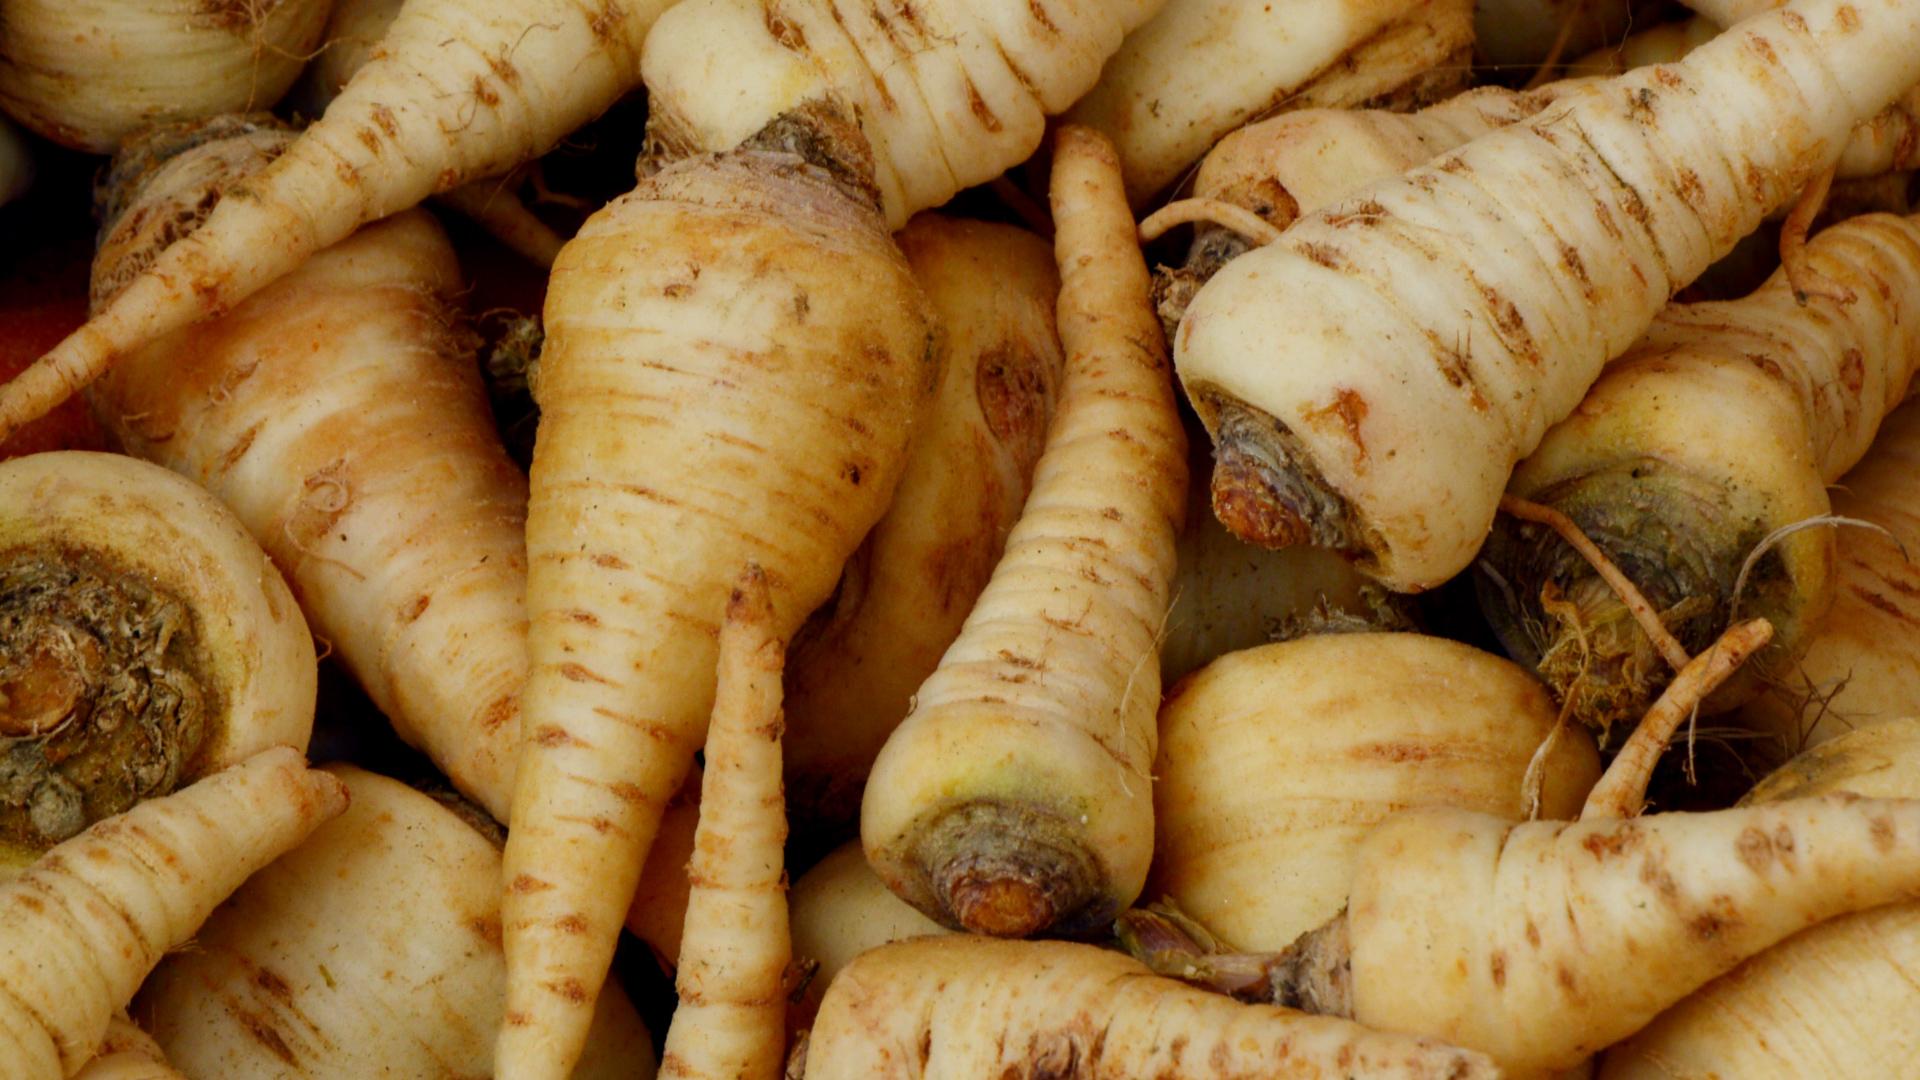 Właściwości lecznicze nietypowych warzyw